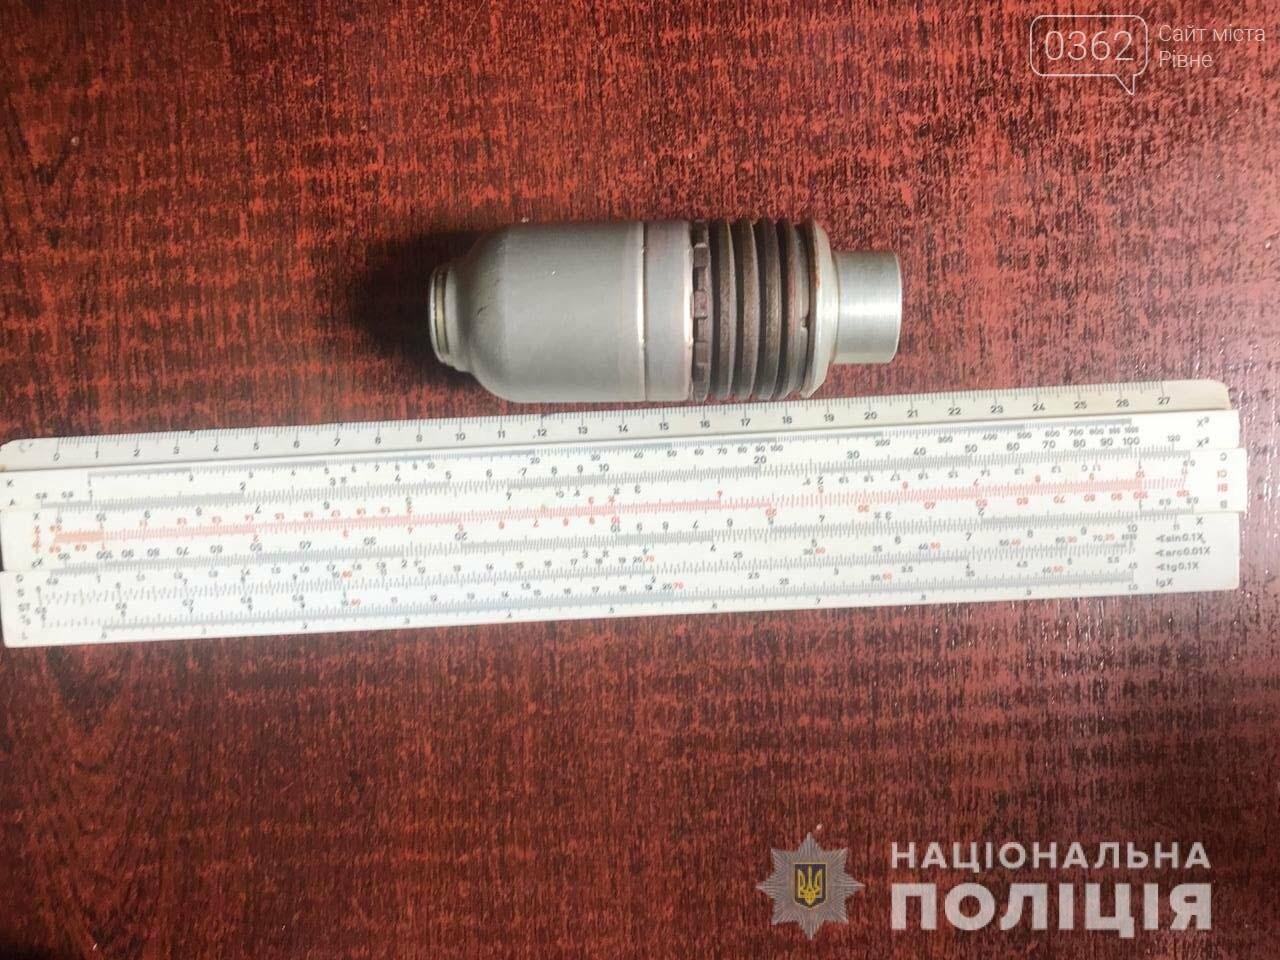 366 патронів, 11 гранат, пластид та обрізи вилучили у жителів Рівненщини (ФОТО), фото-4